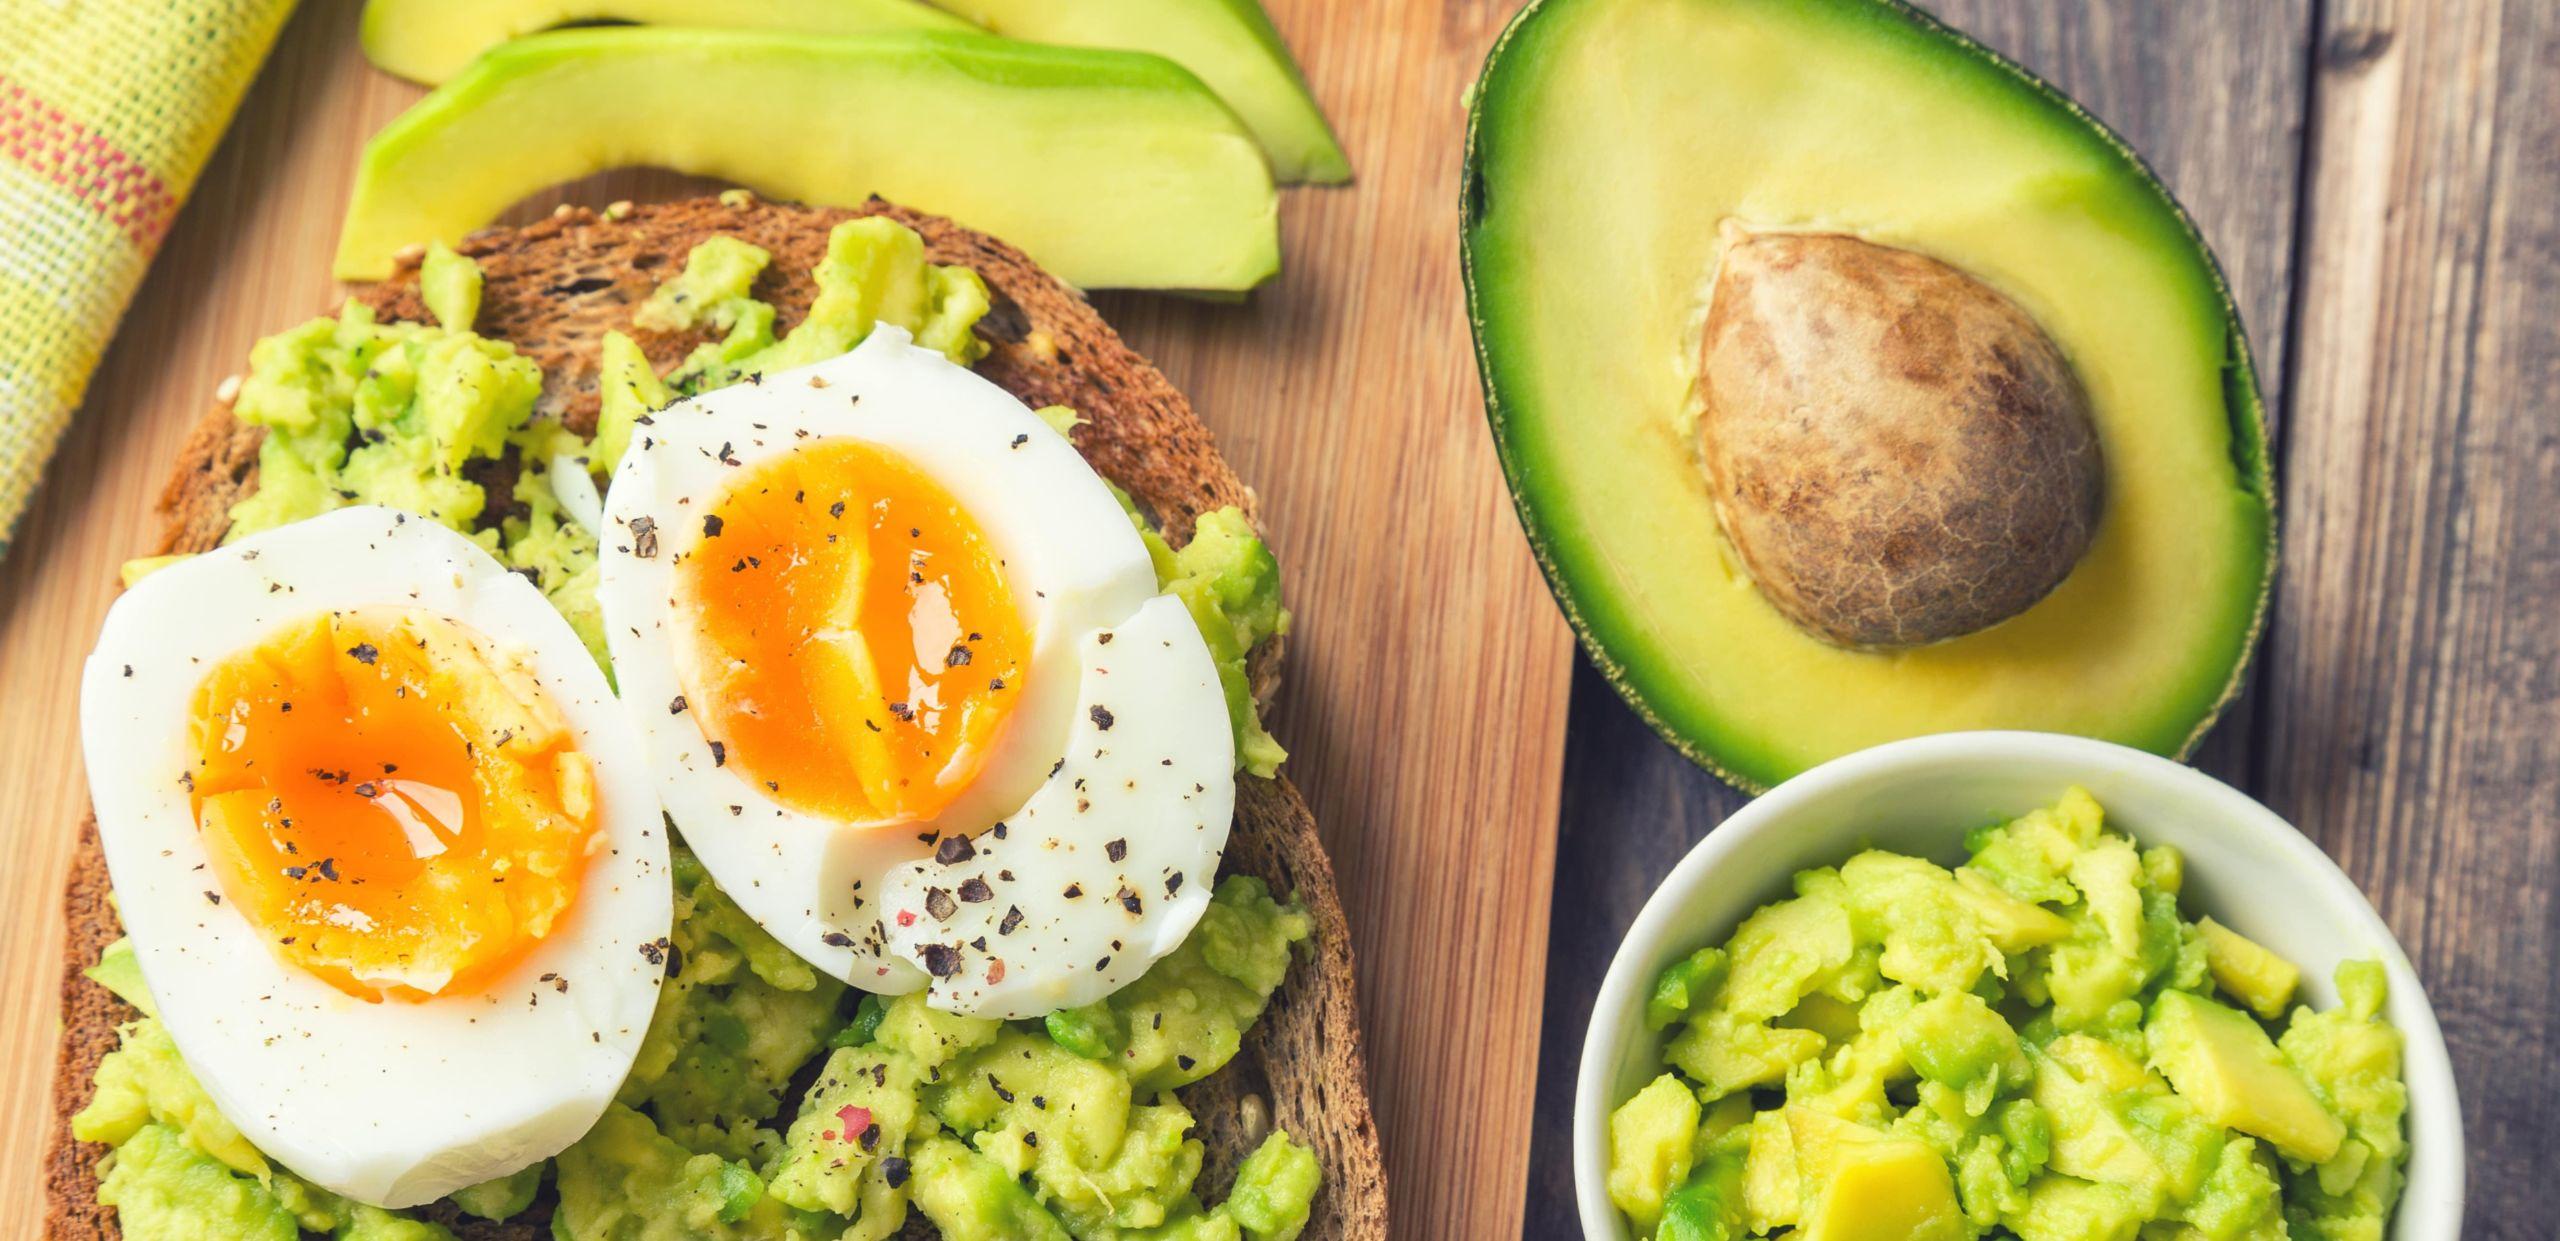 Colazione per dimagrire con l'avocado